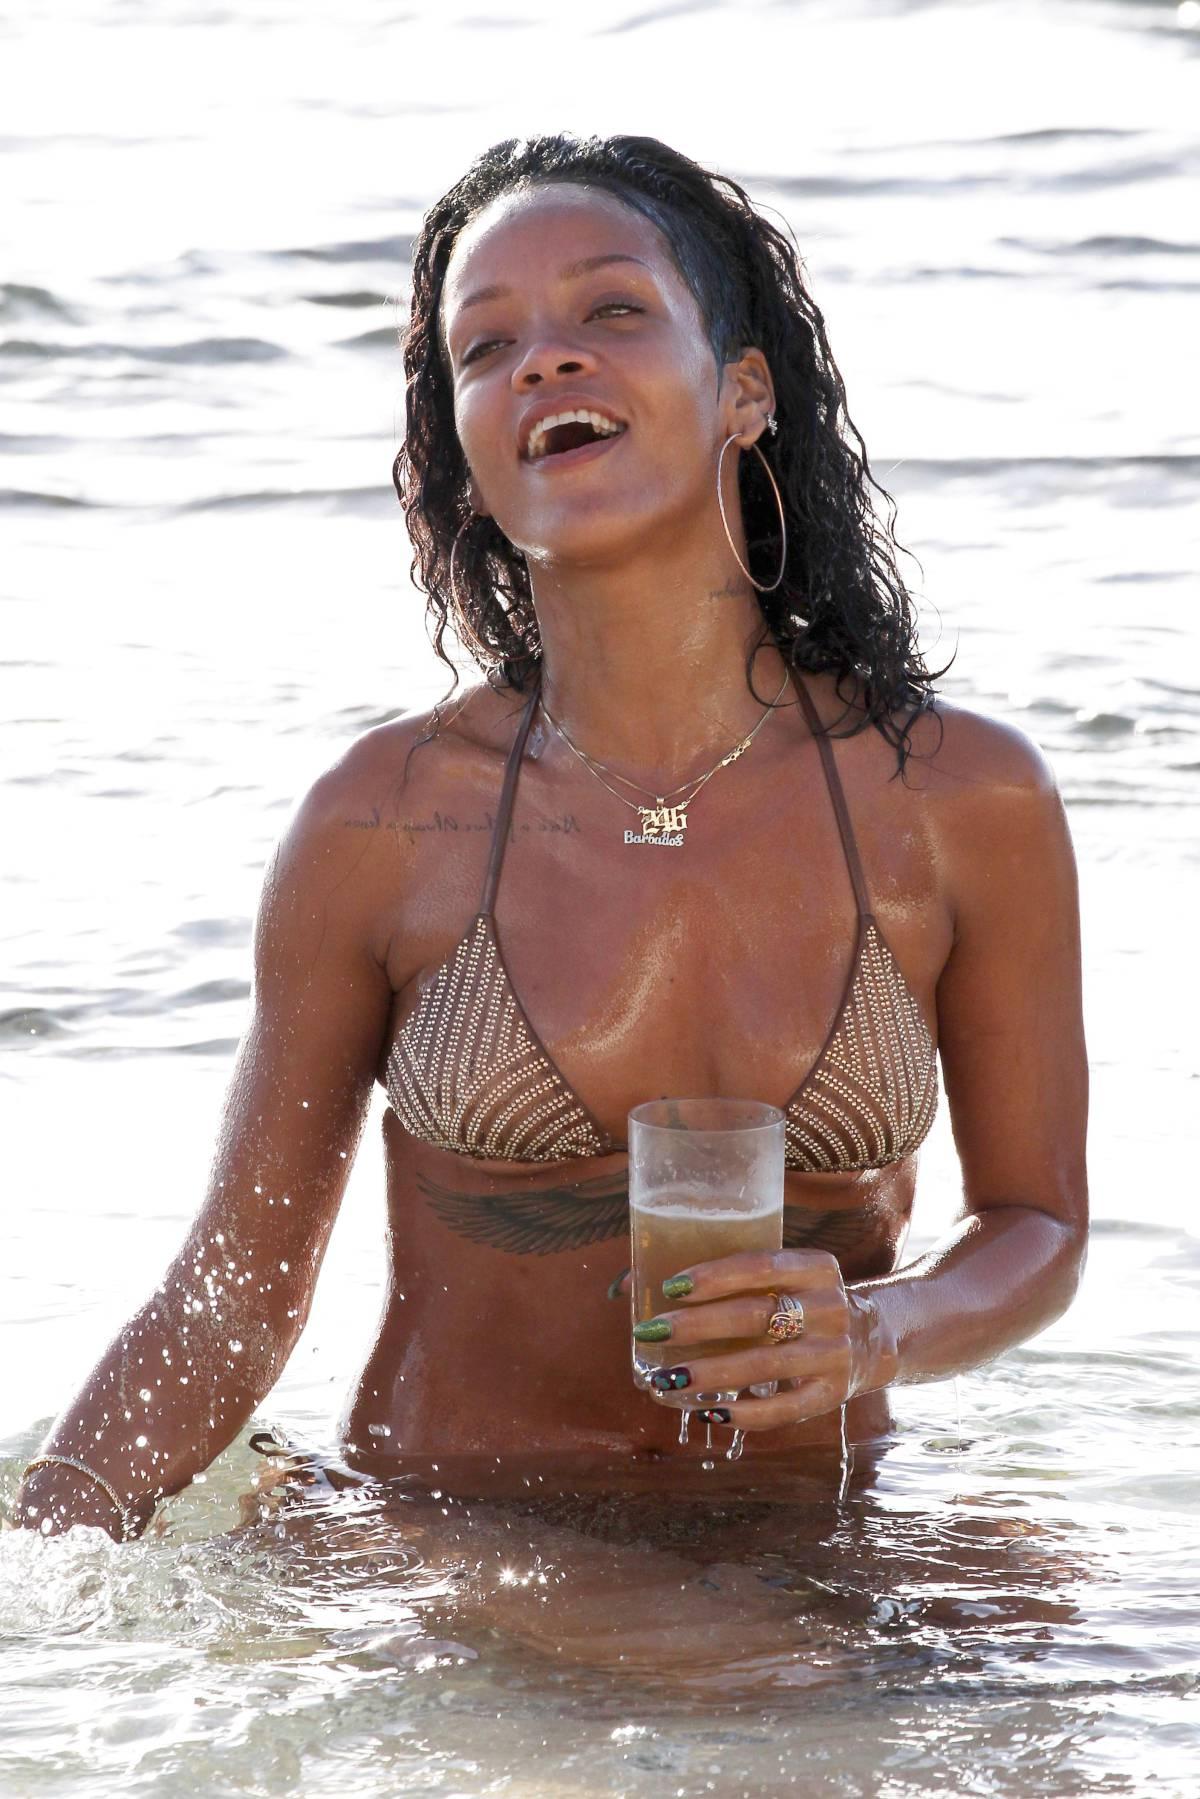 351970409_Rihanna_Bikini_291213_ReSiDuO18_123_1165lo.jpg